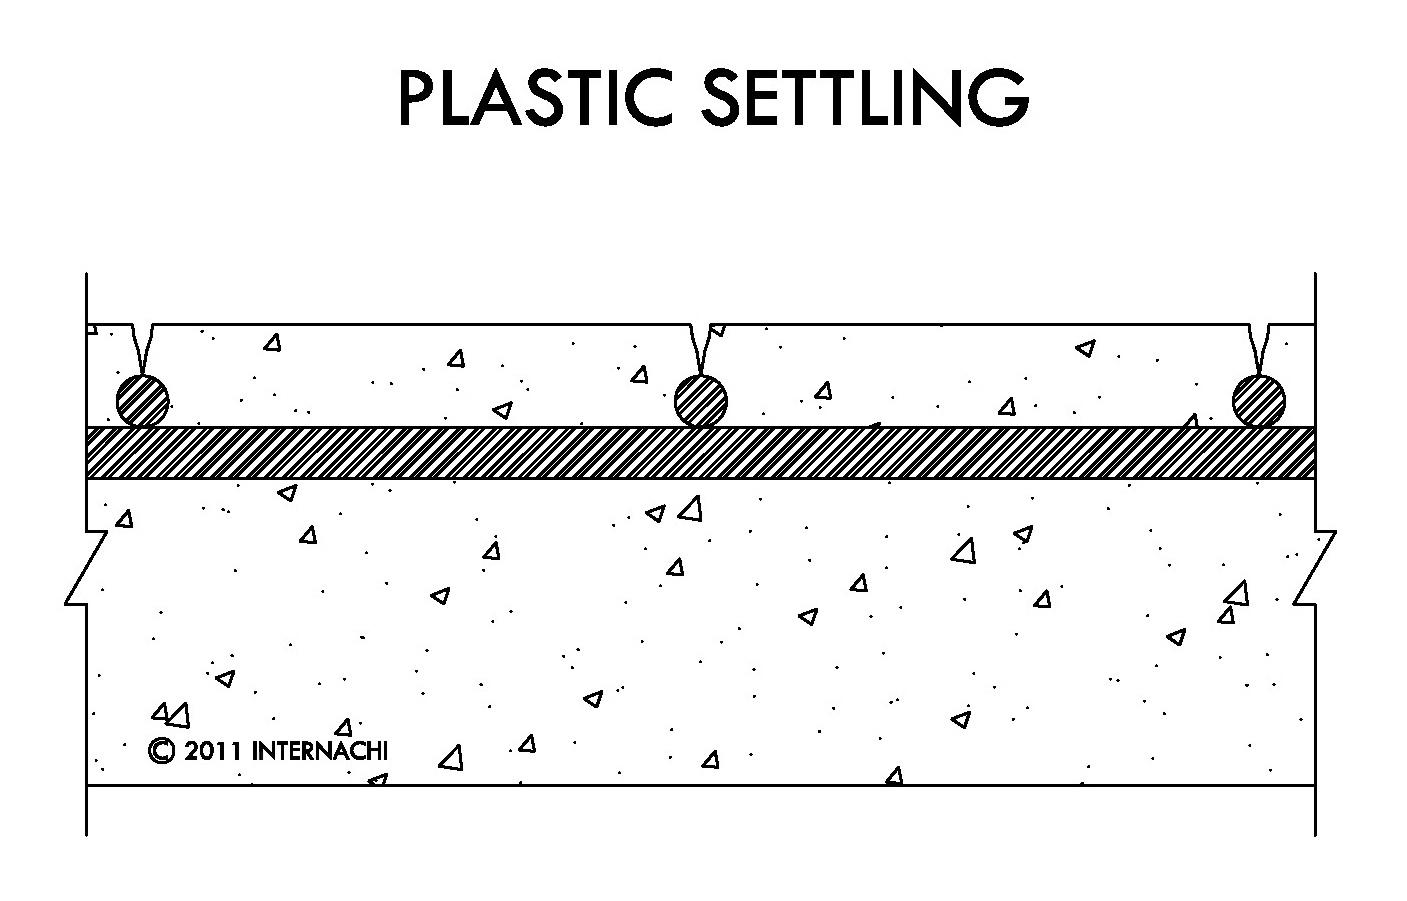 Plastic settling.